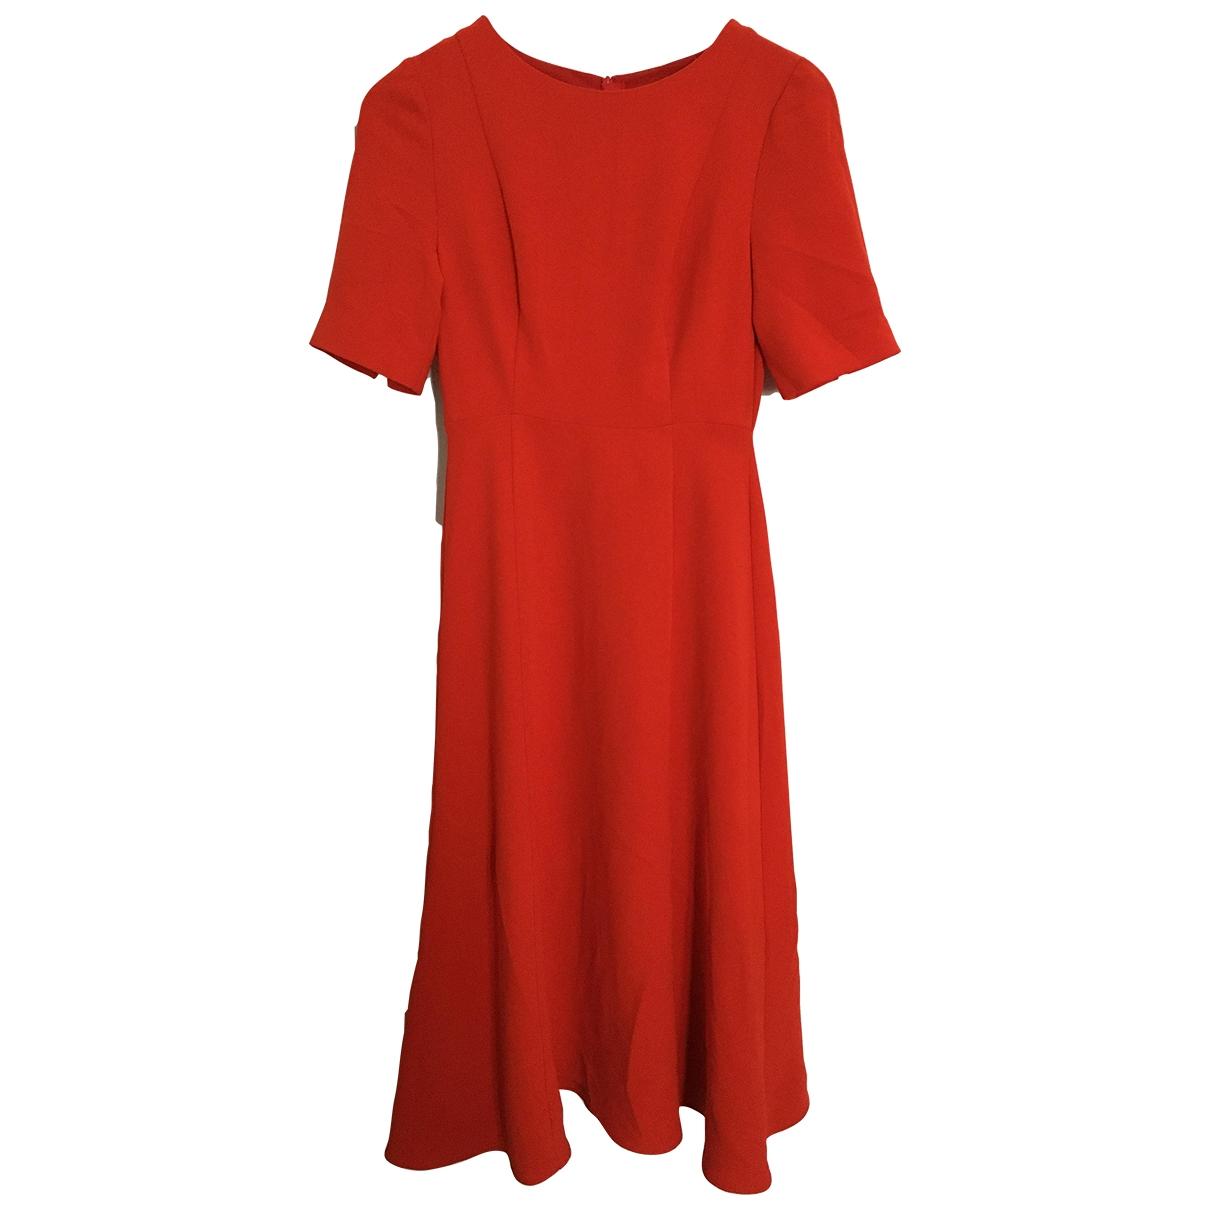 Lk Bennett \N Red dress for Women 6 UK